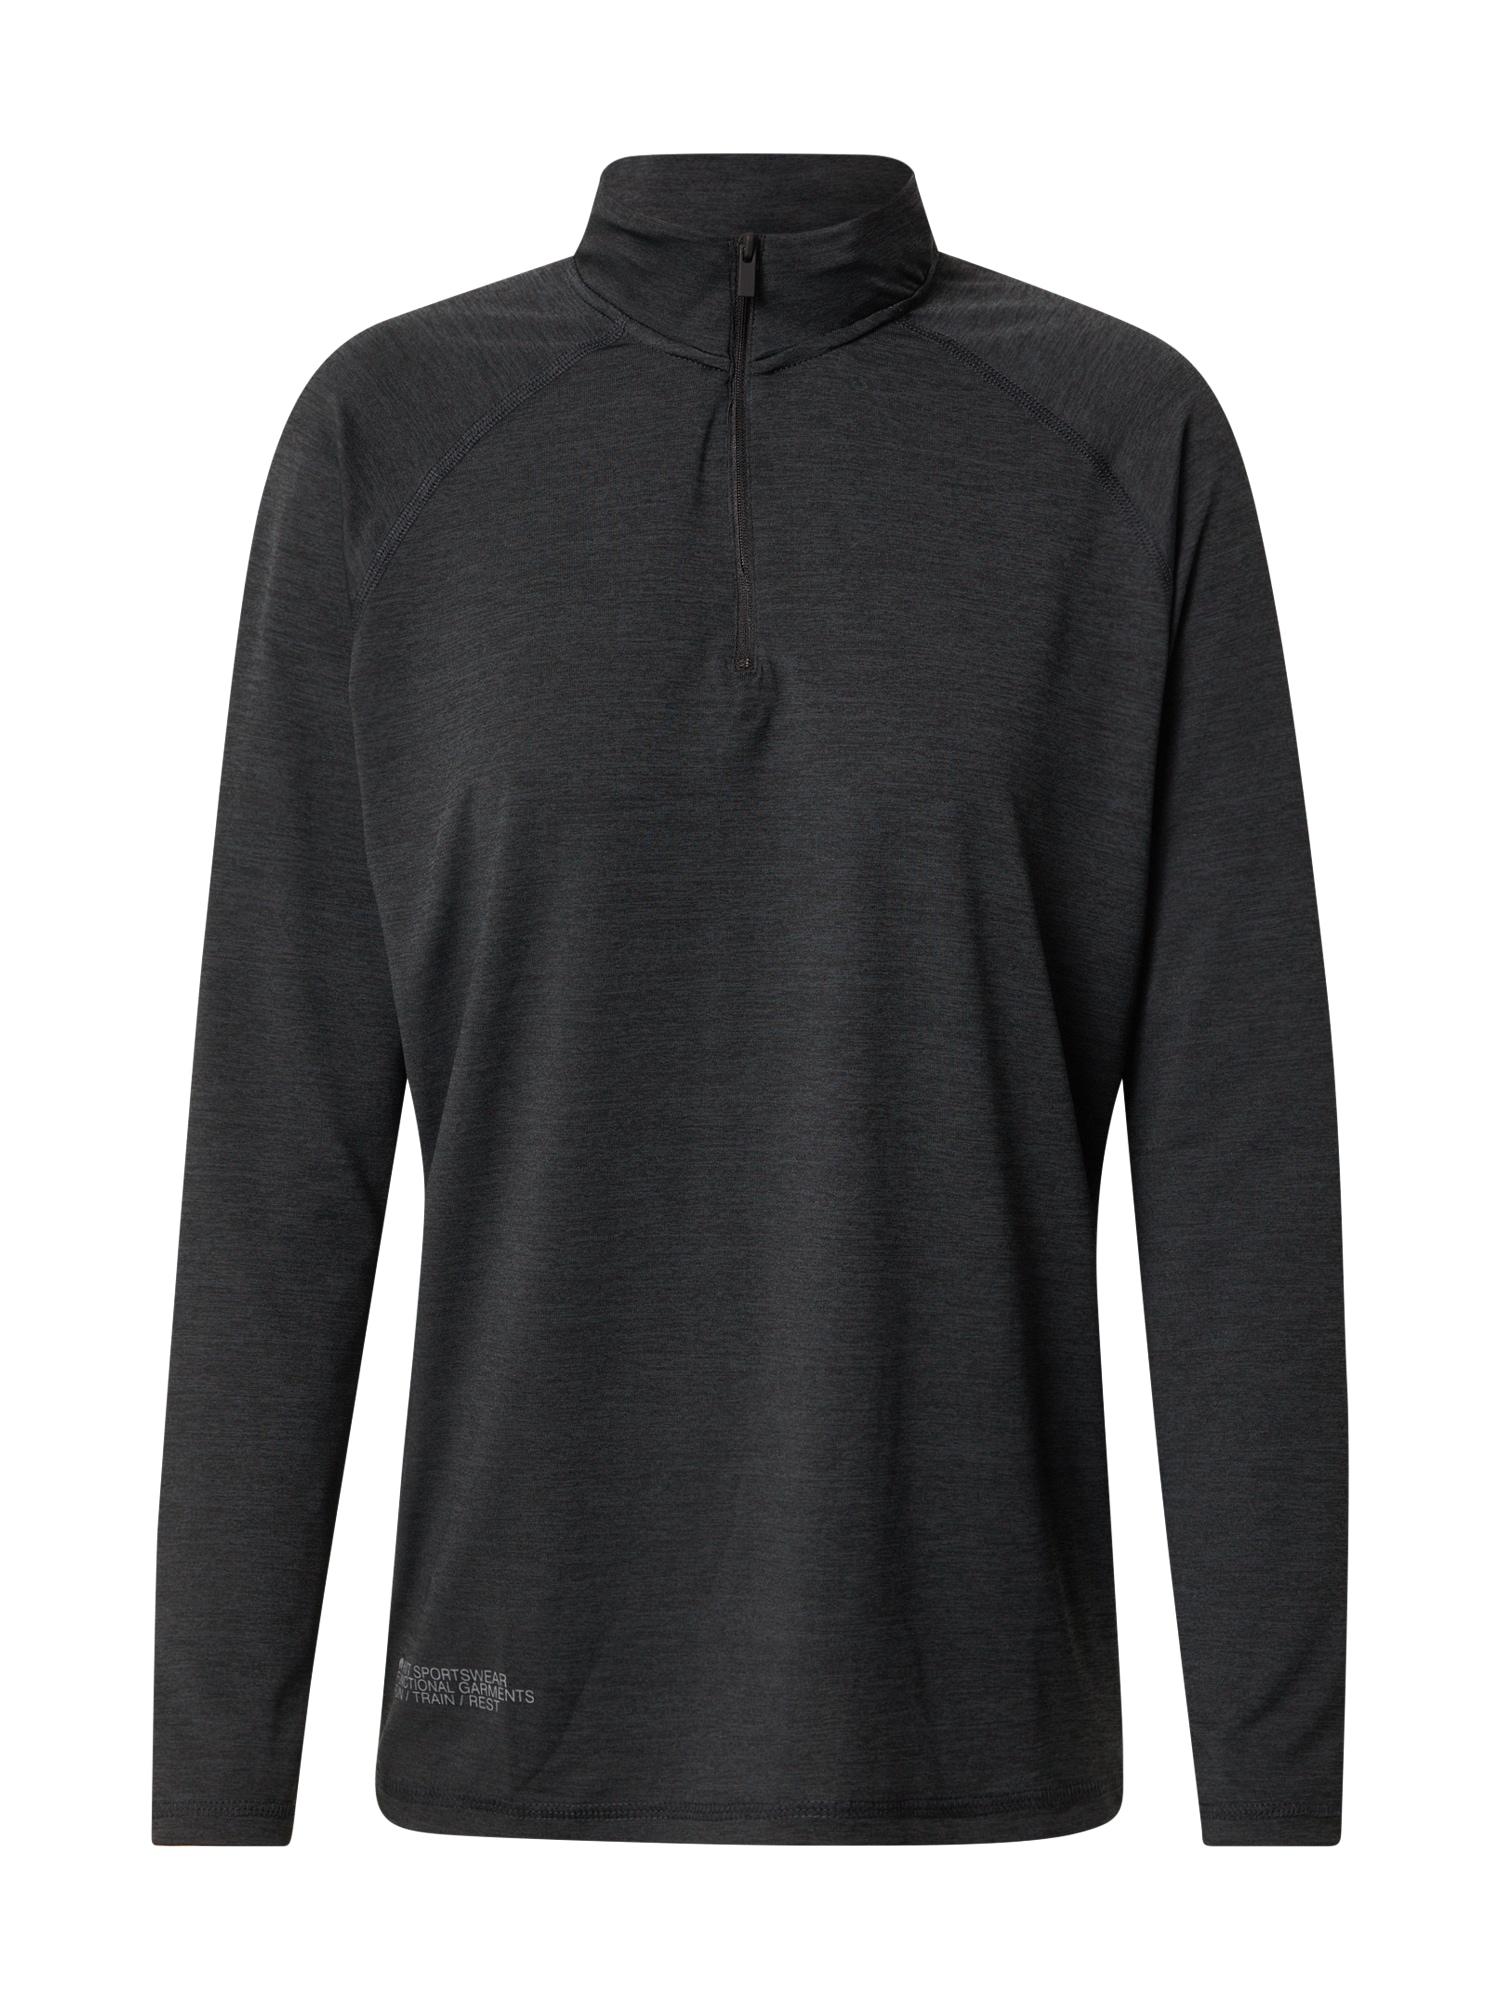 HIIT Sportiniai marškinėliai margai juoda